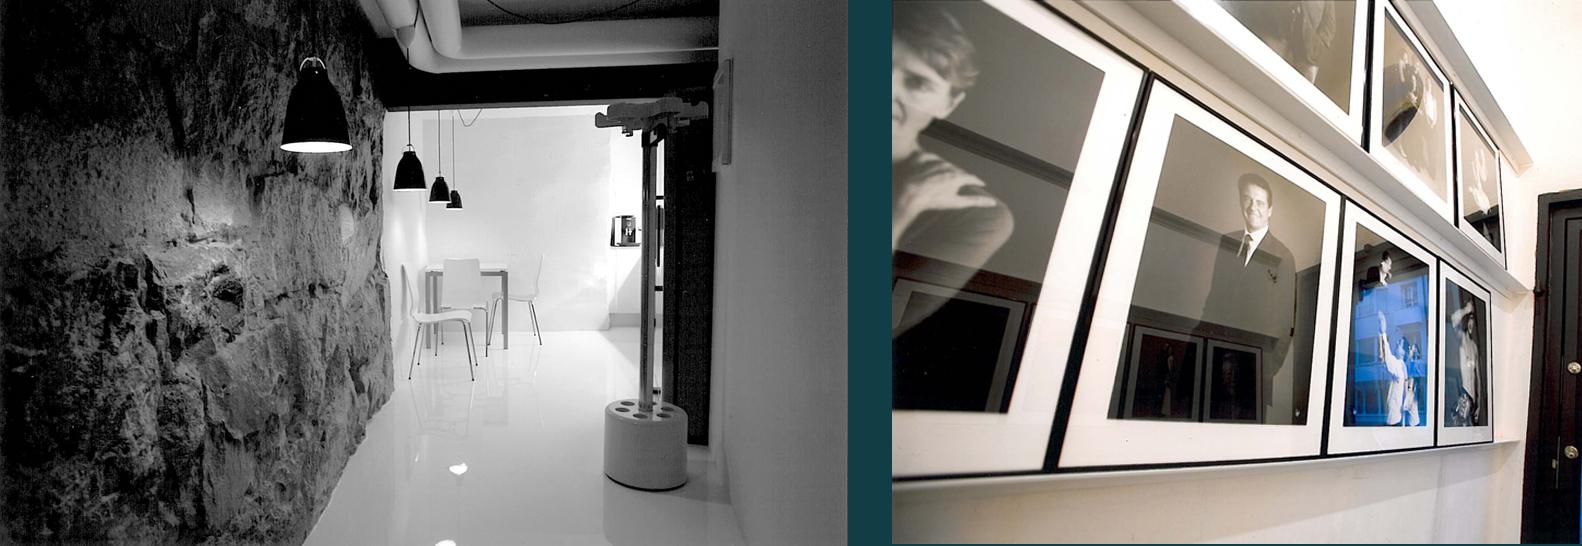 Rex Arkitektbyrå ritade en ny ateljé åt en av Stockholm mest populära porträttfotografer